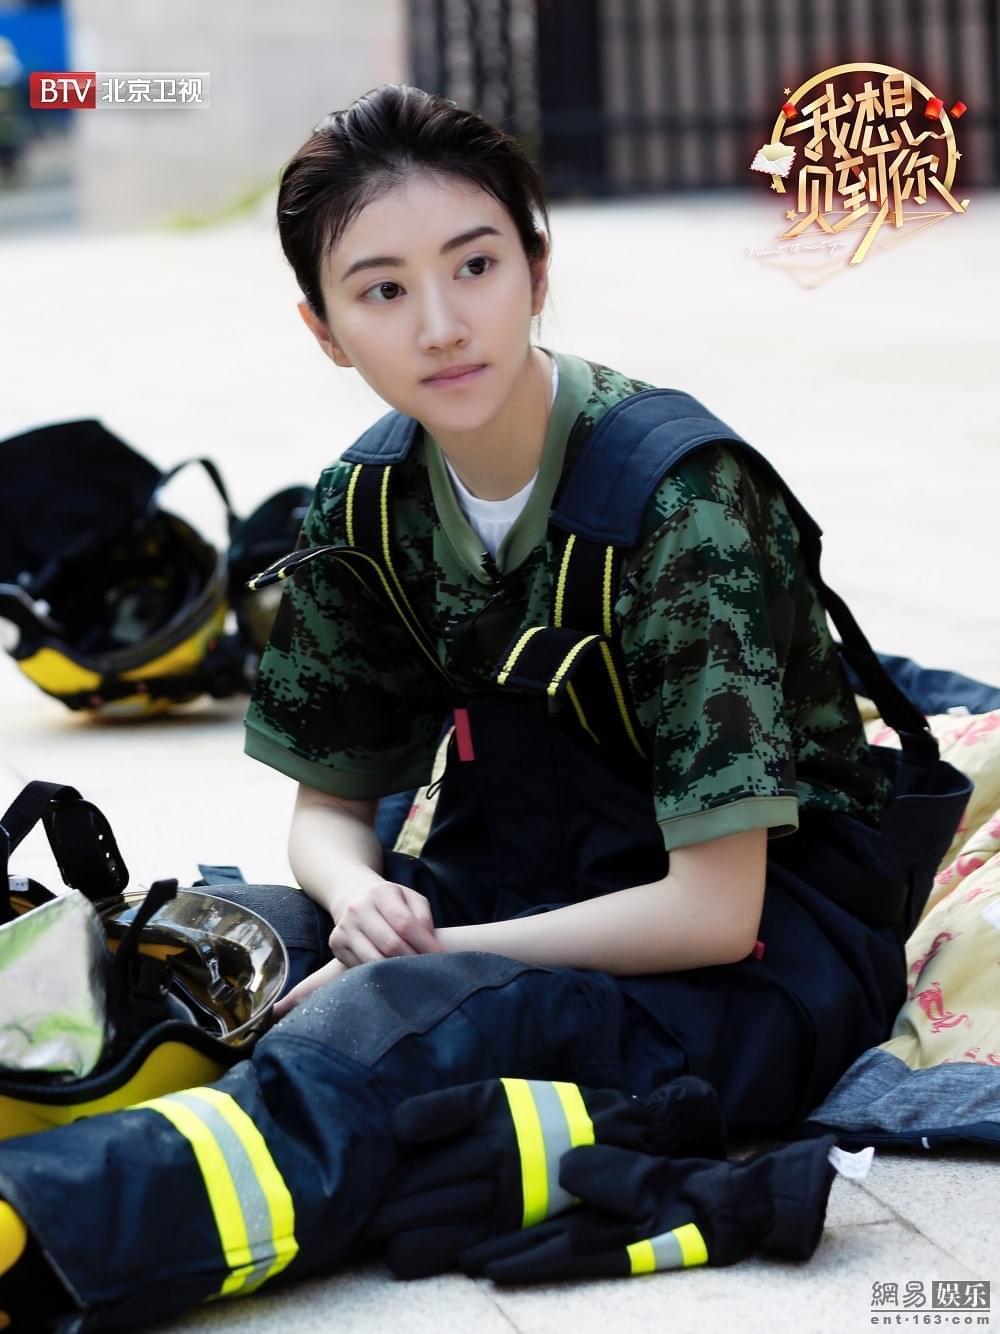 """皇阿玛驾到""""我想见到你"""" 化身消防战士紧急出警"""